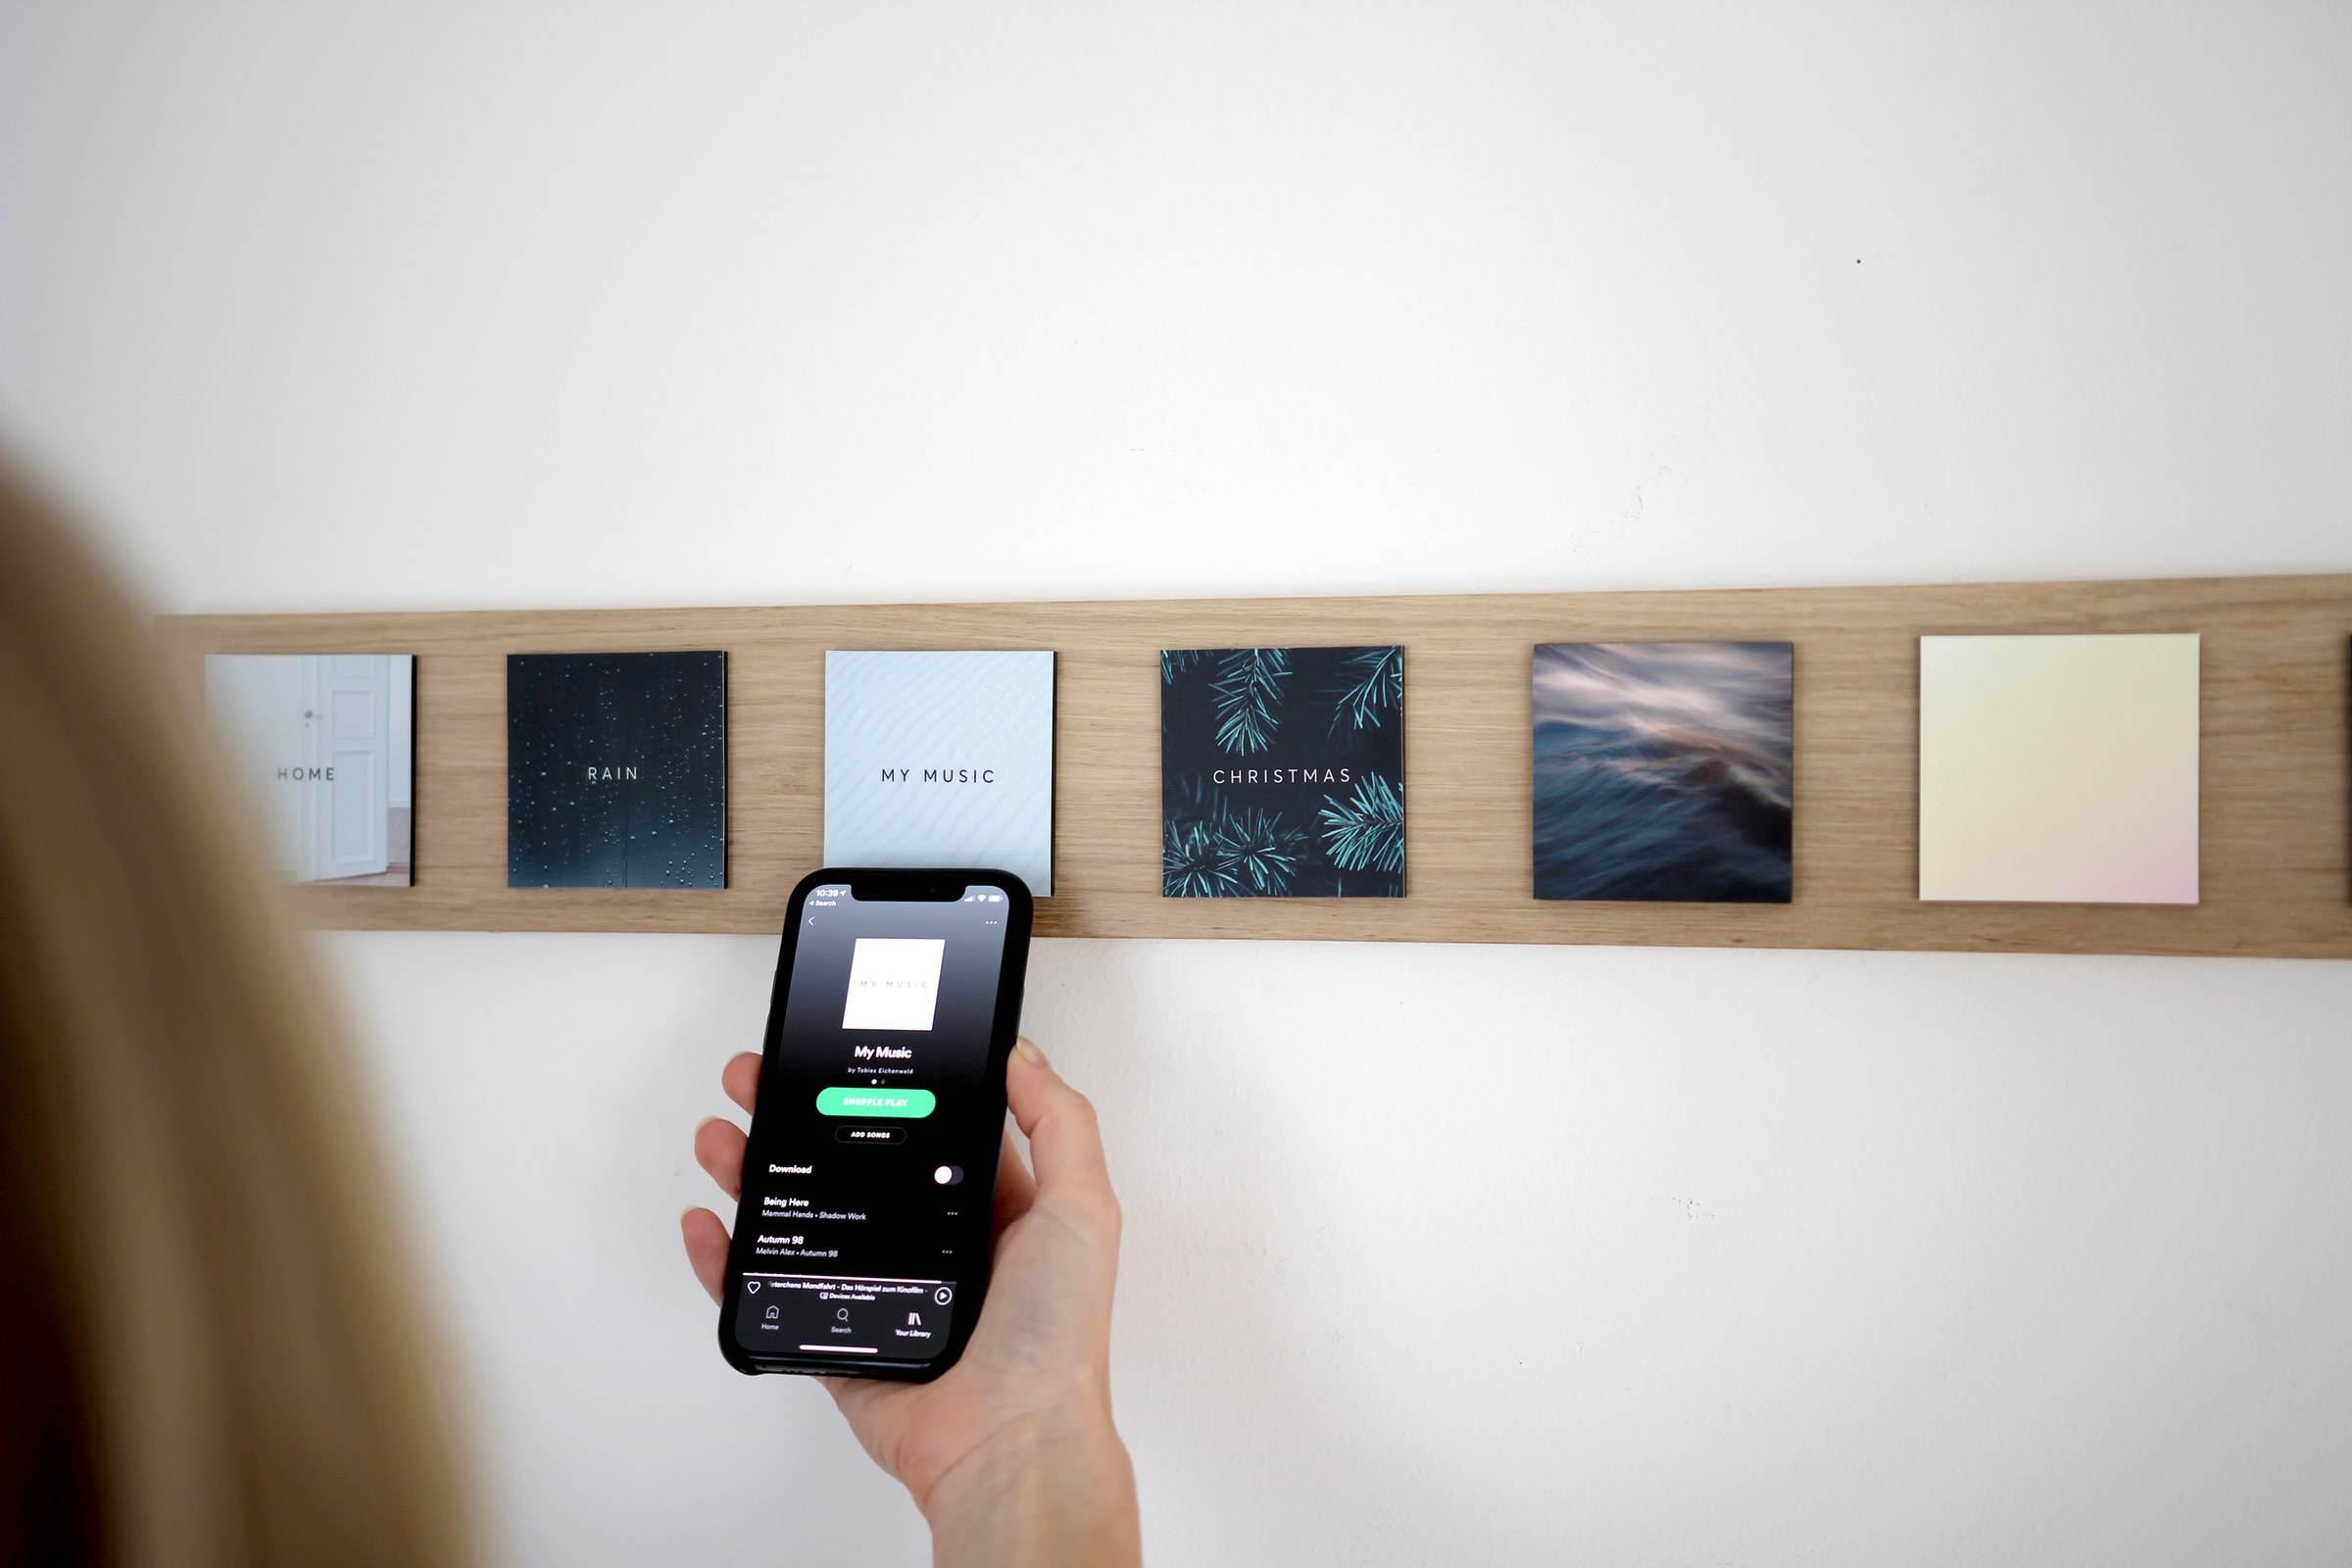 Senic Muse Block: smarte NFC-Blöcke für die Musikwiedergabe